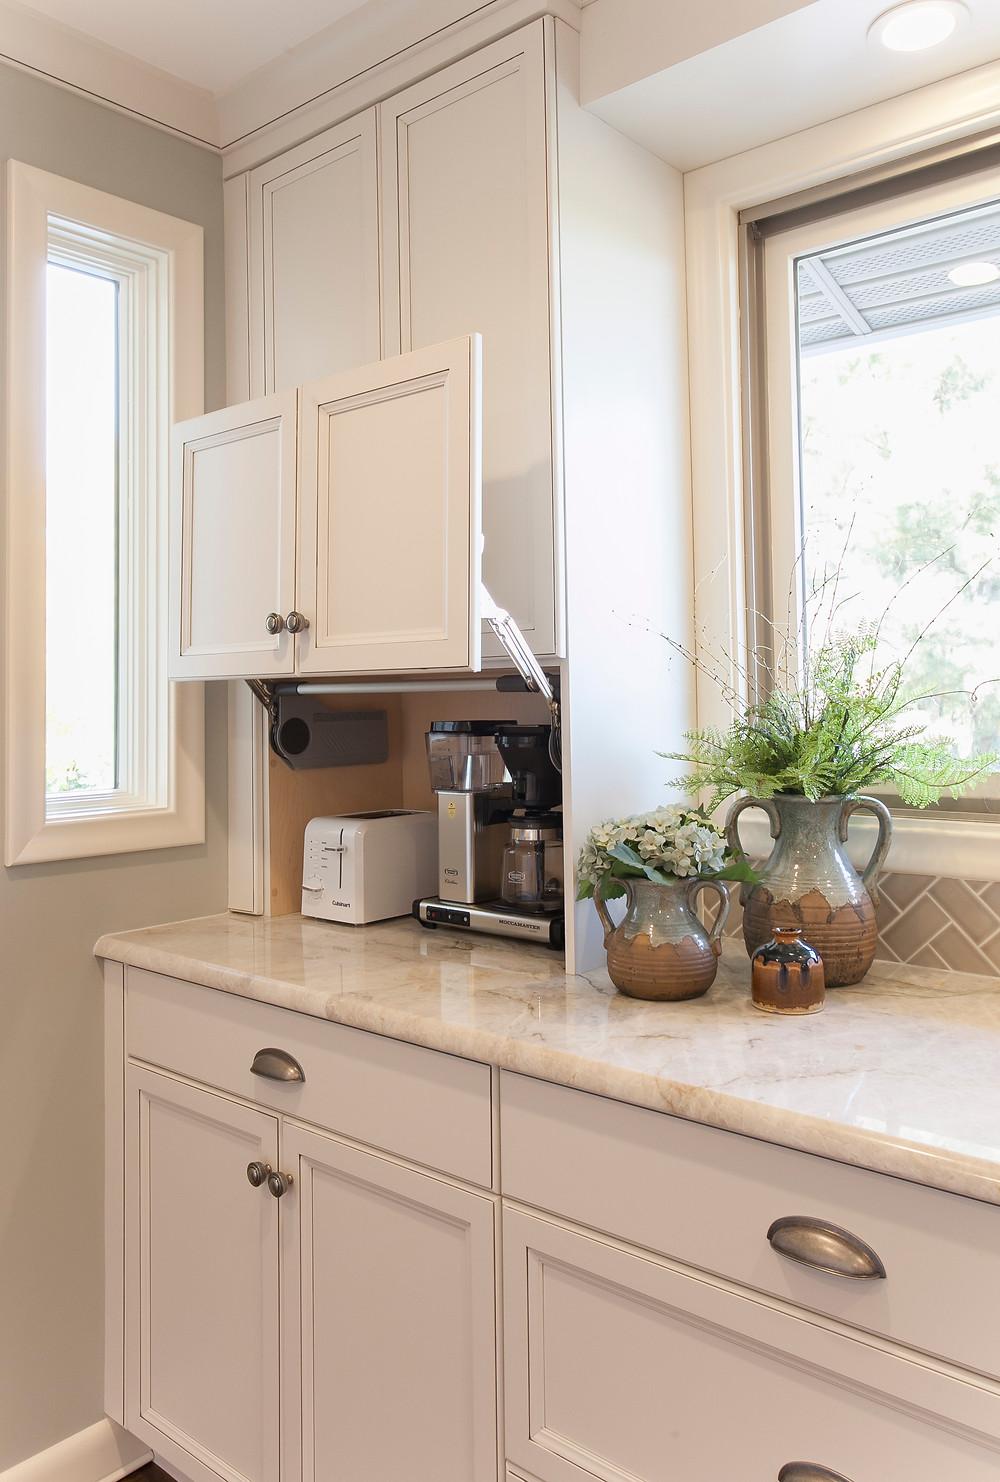 Appliance garage hides small kitchen gadgets.